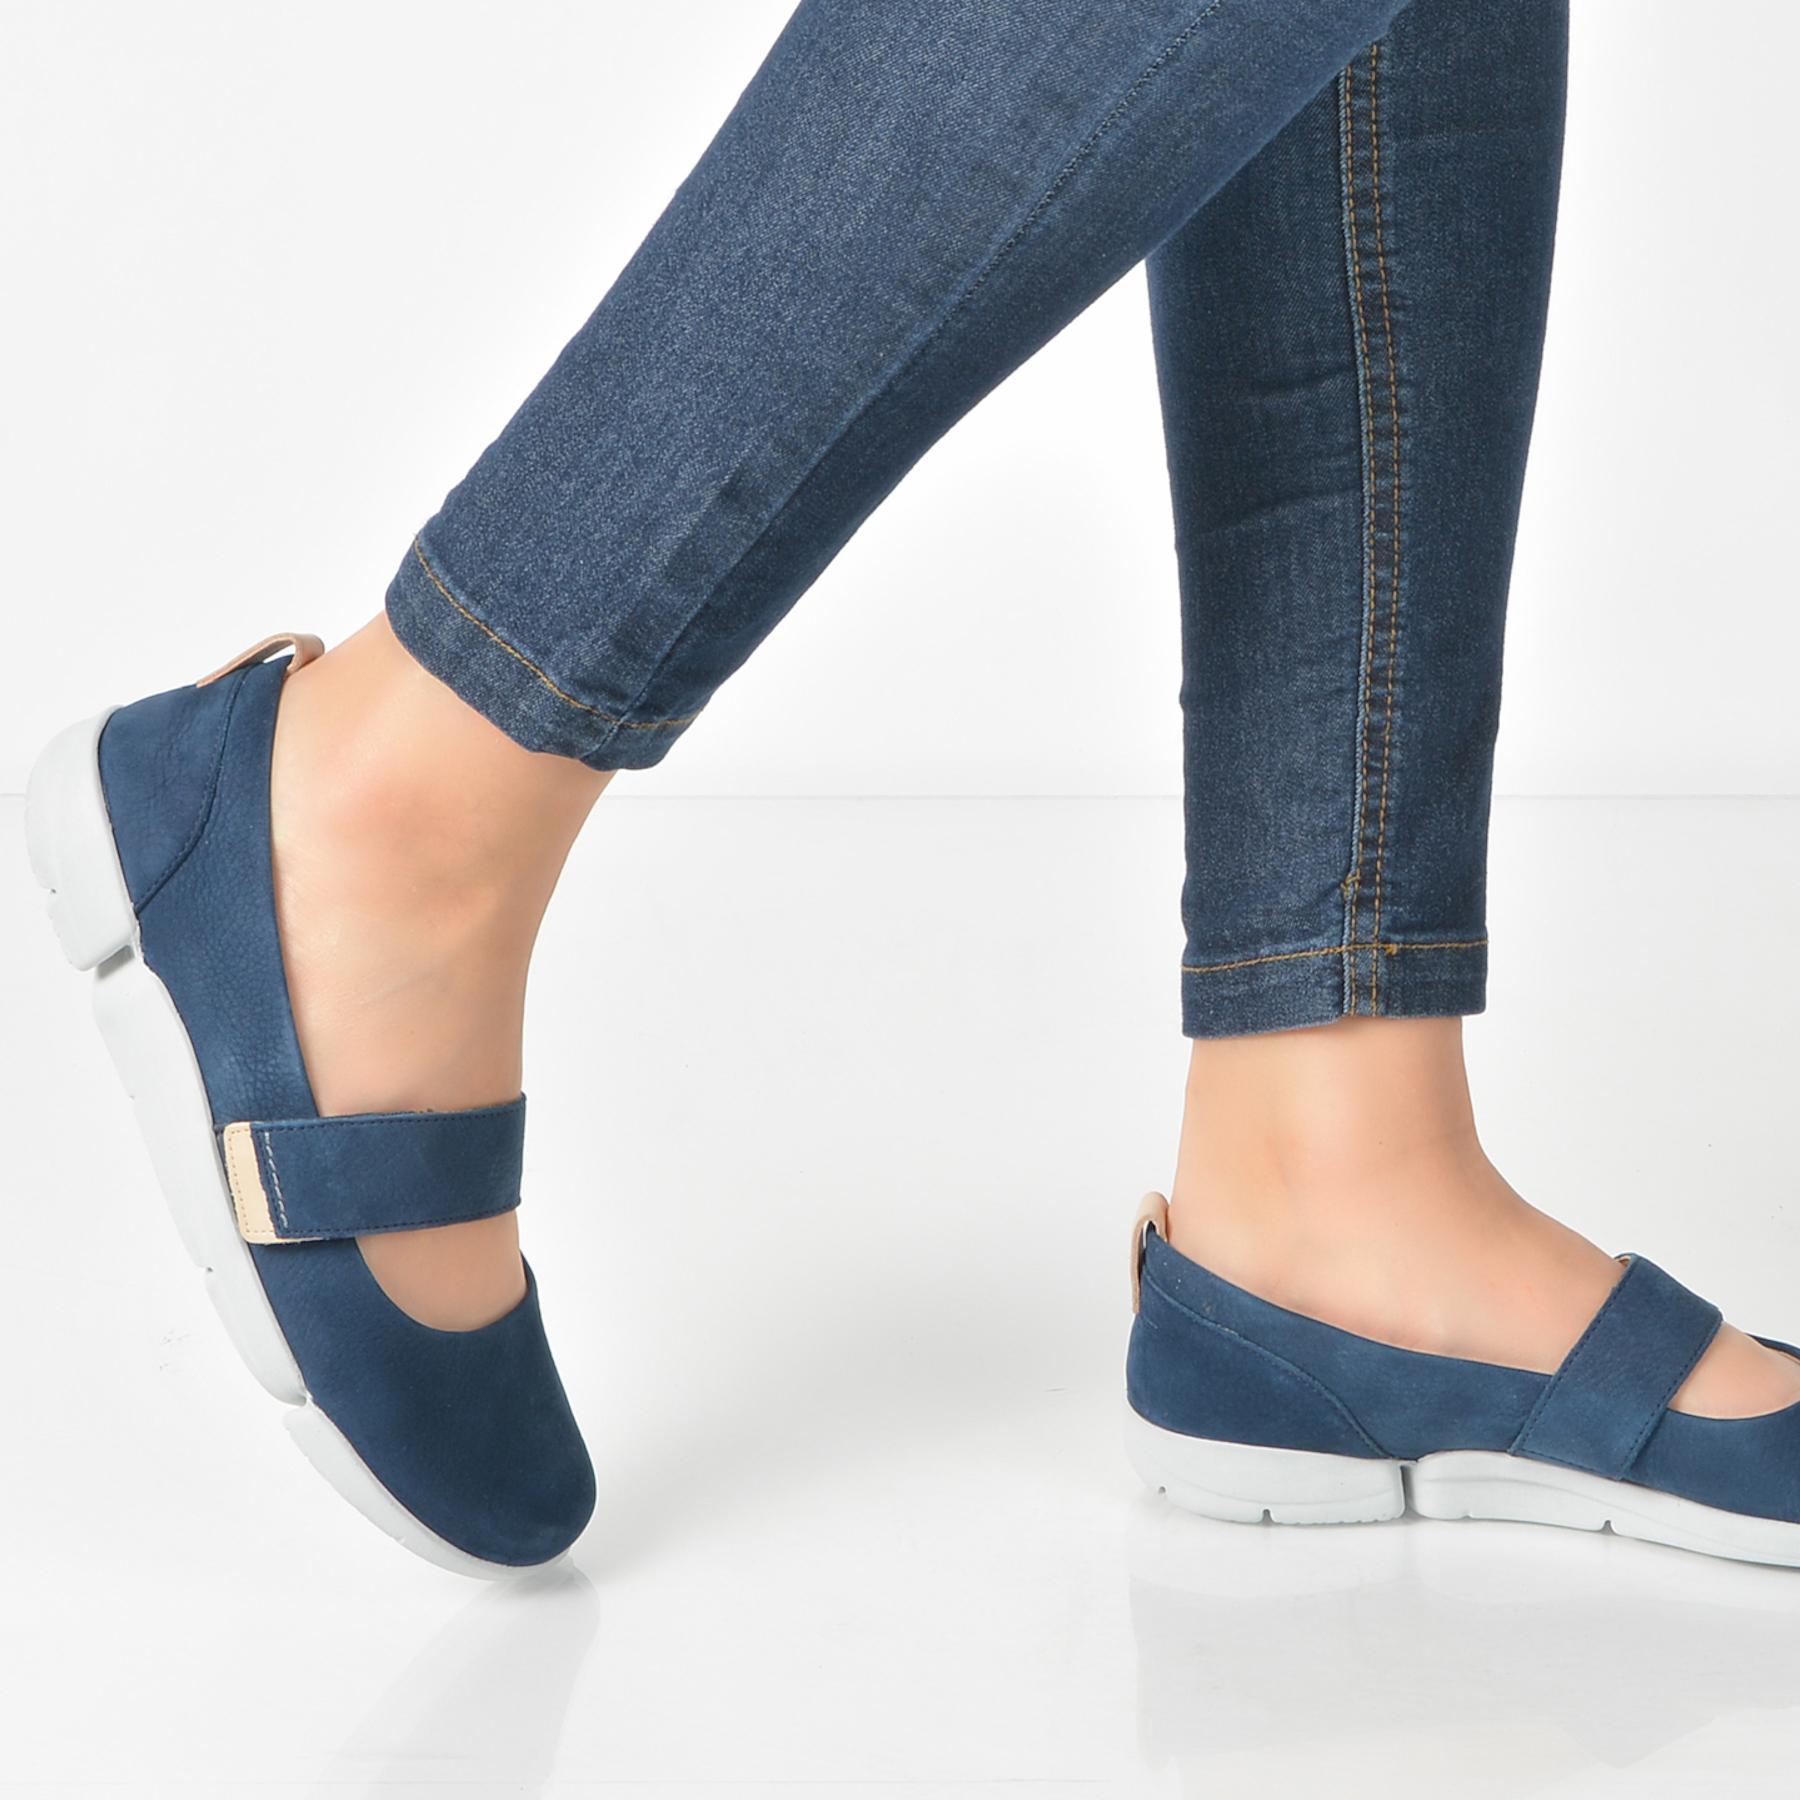 Pantofi Clarks Bleumarin, 6131108, Din Nabuc